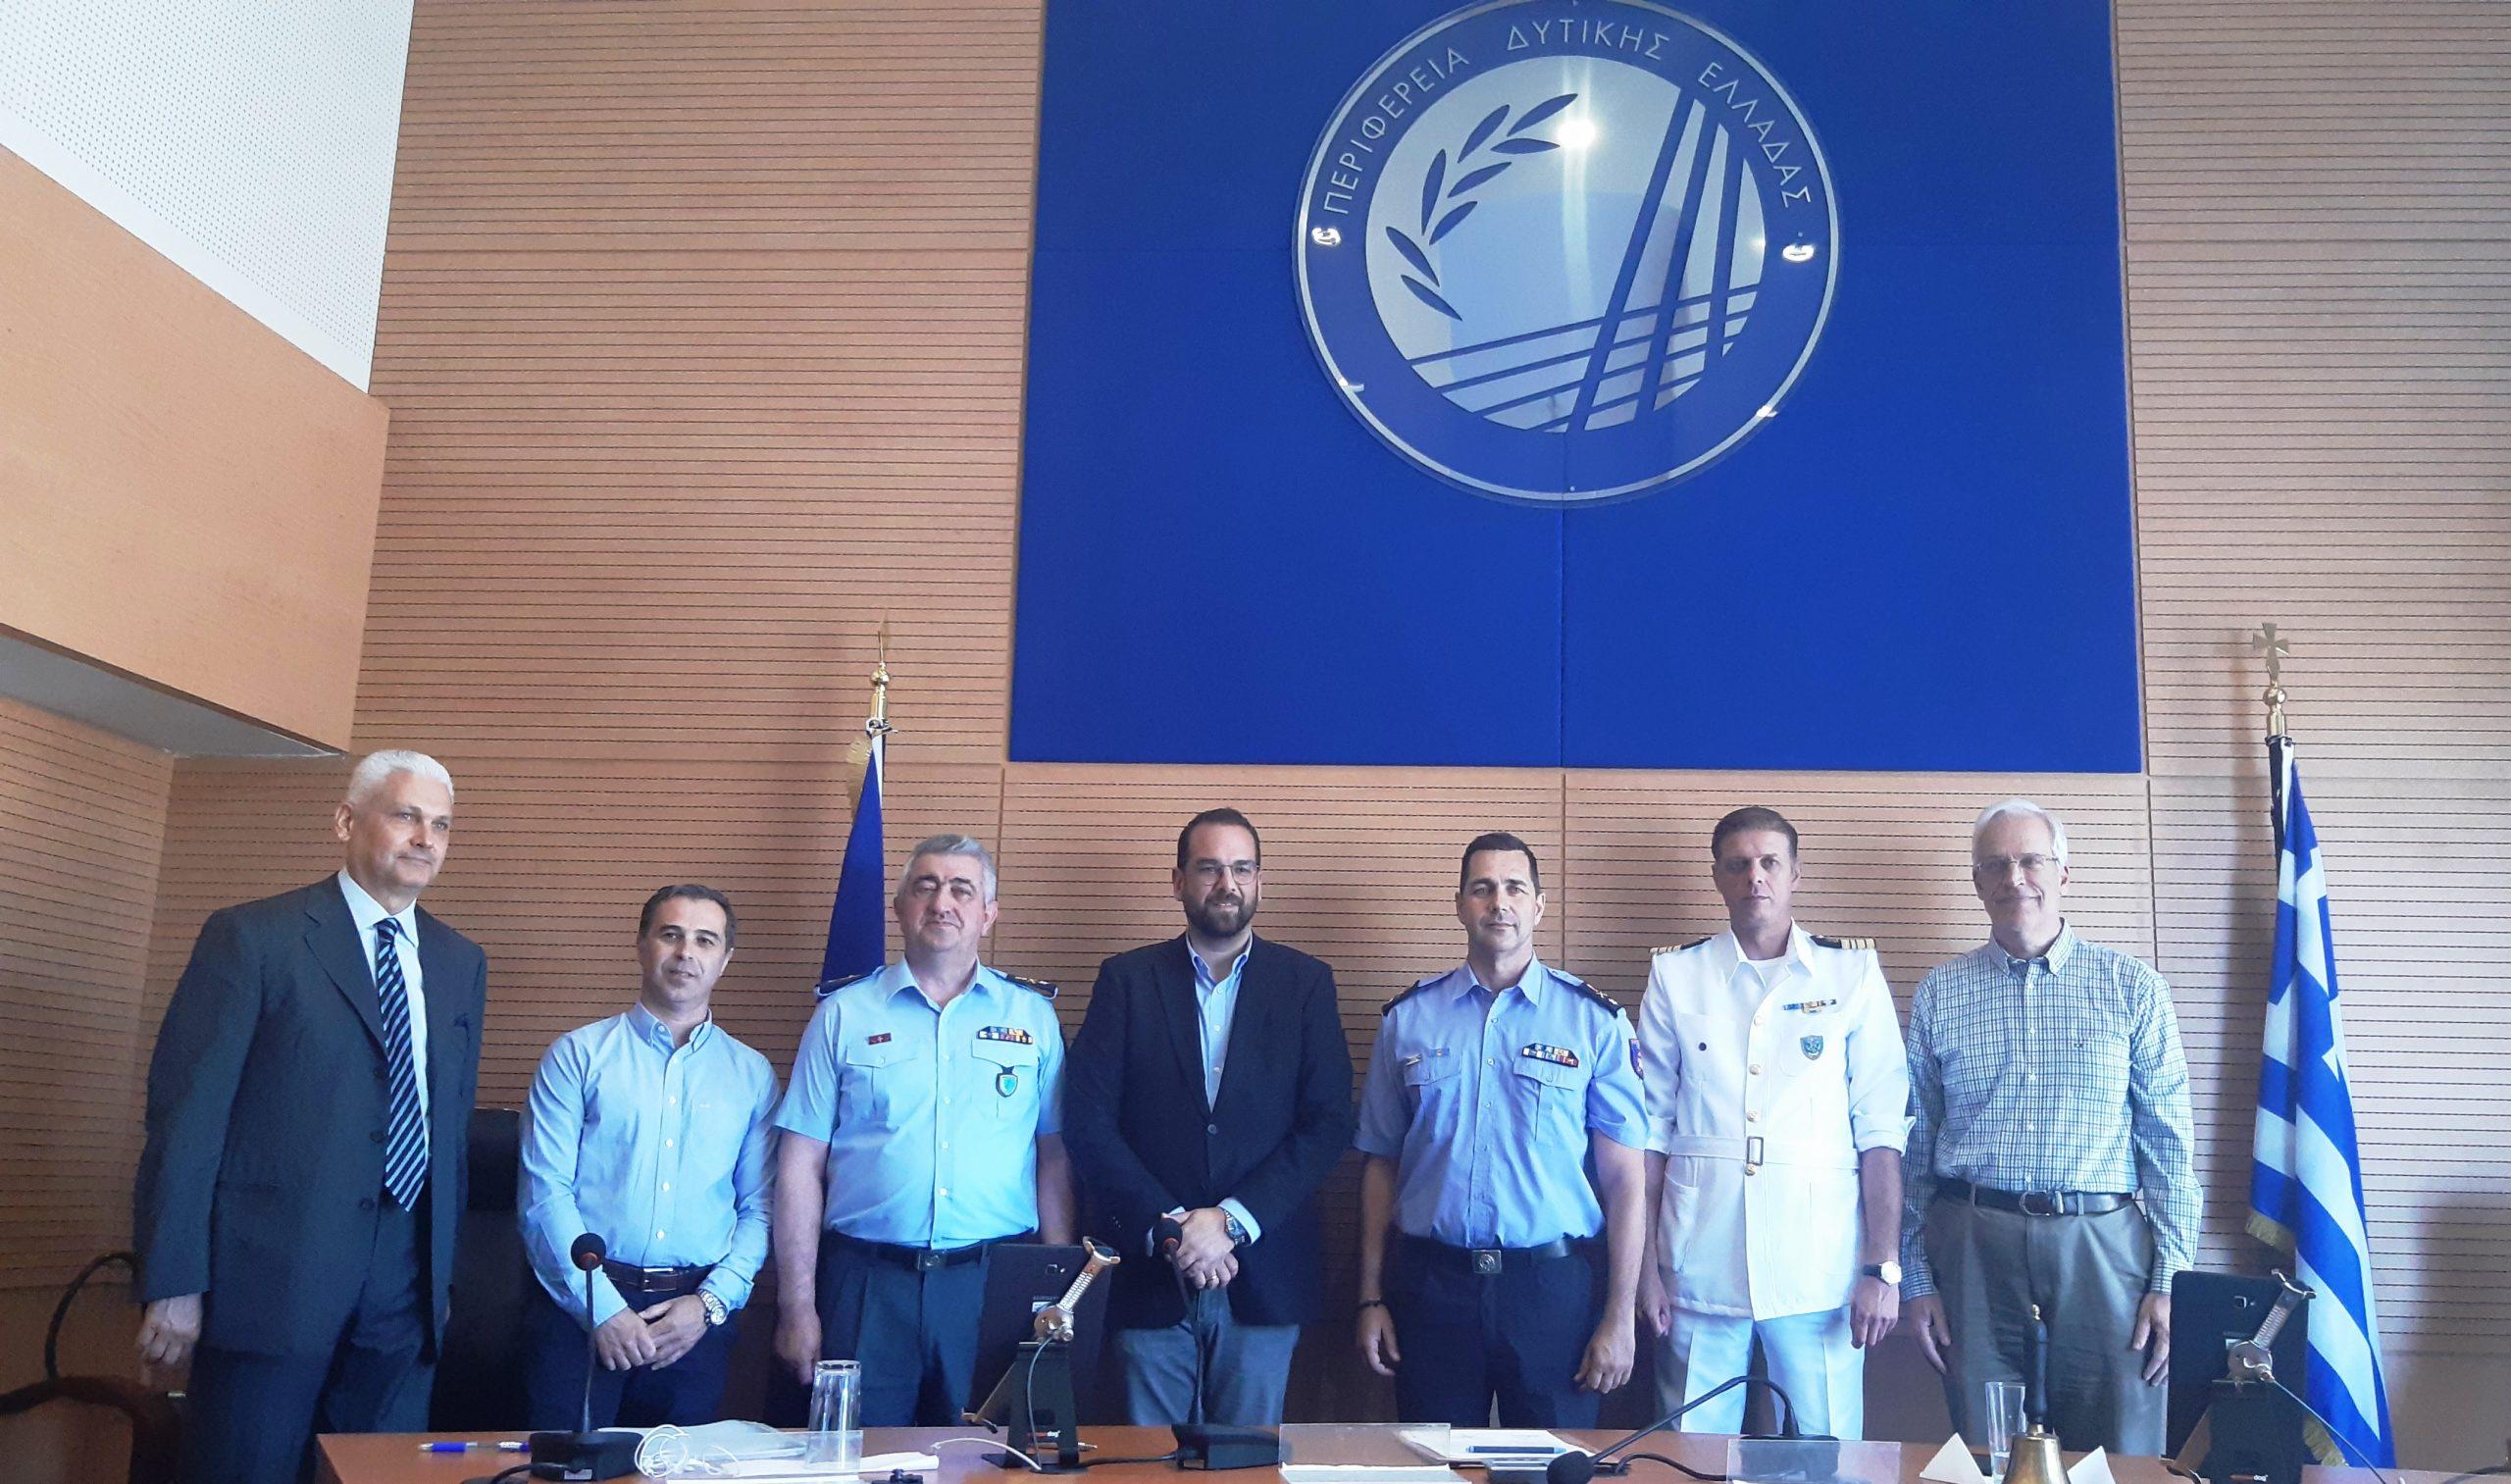 ΠΔΕ: Επιχειρησιακός κόμβος Πολιτικής Προστασίας το αεροδρόμιο του Επιταλίου - Drones και άλλος σύγχρονος εξοπλισμός στα Σώματα Ασφαλείας από την Περιφέρεια Δυτικής Ελλάδας